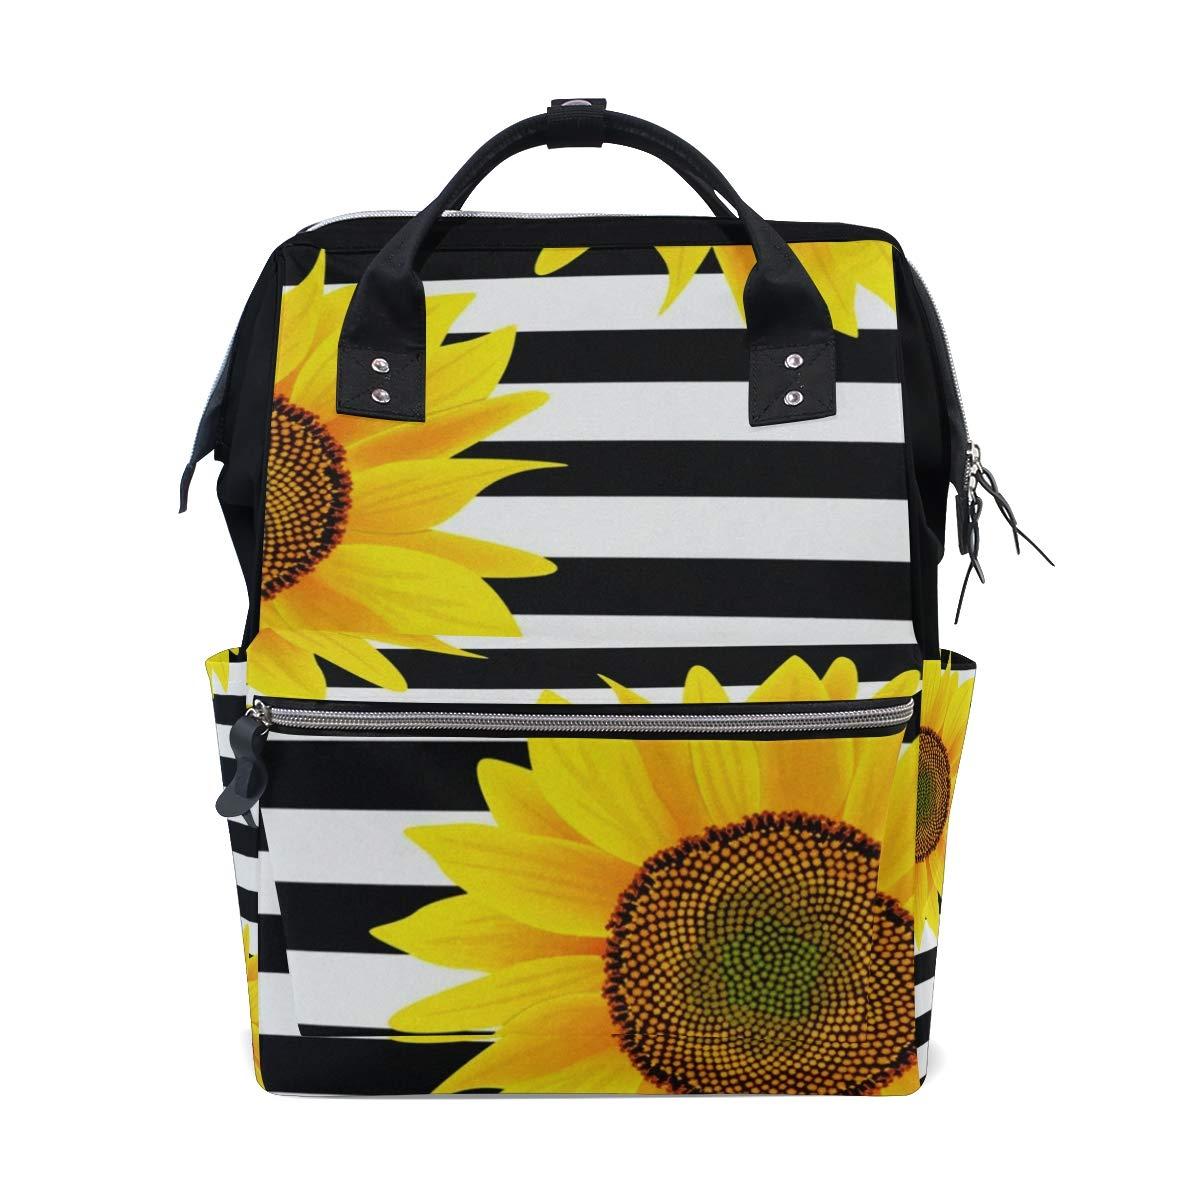 Sunflower 白と黒のストライプおむつバッグバックパック 大容量 多機能旅行バックパック お昼寝バッグ 旅行ママバックパック ベビーケア用   B07KP9R4HJ